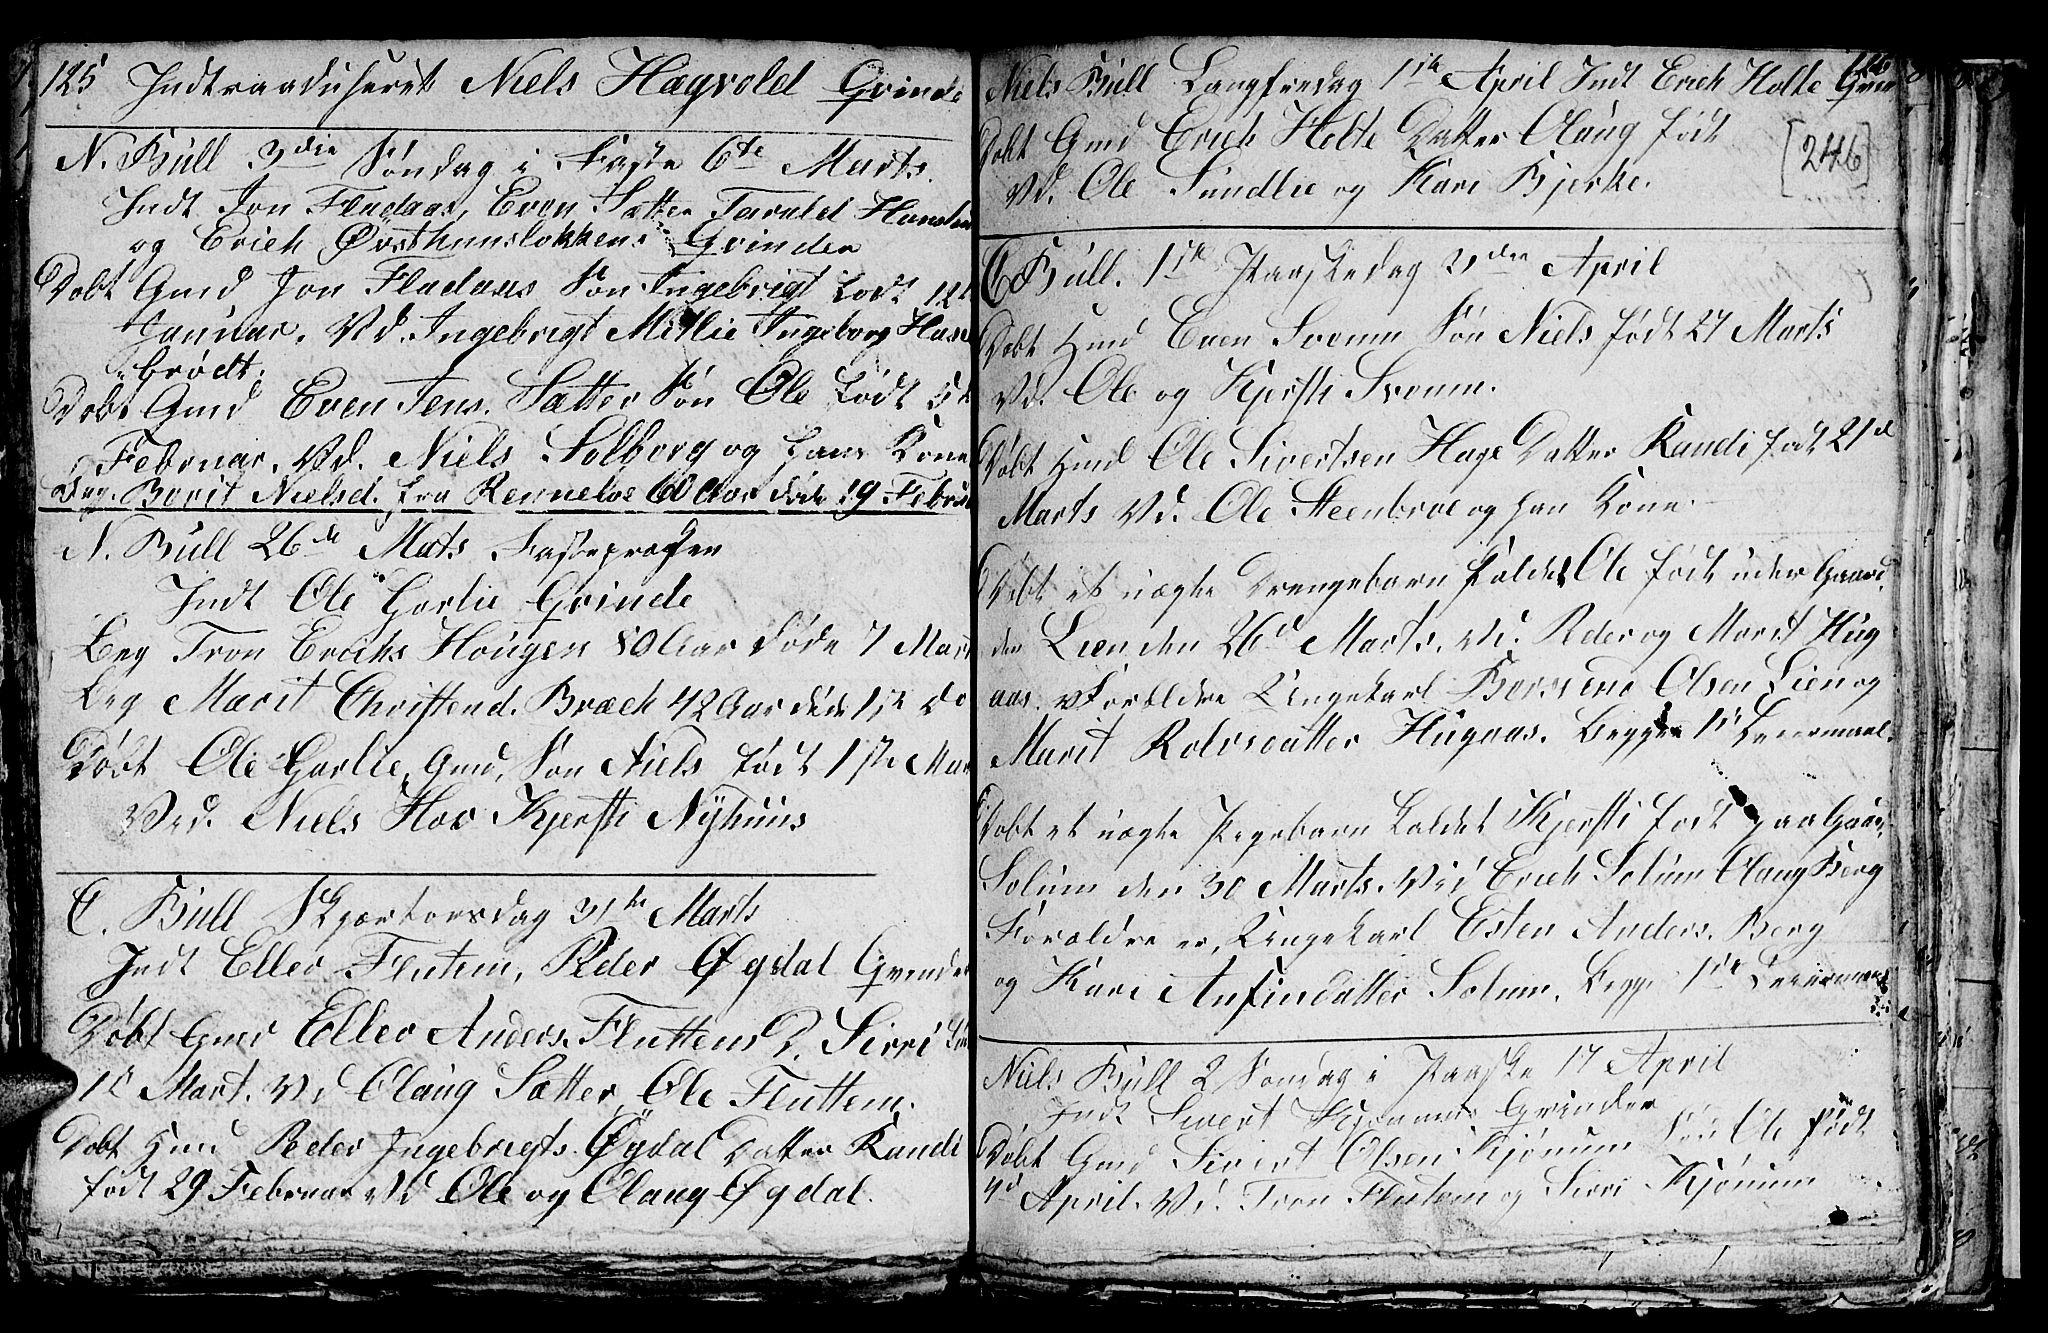 SAT, Ministerialprotokoller, klokkerbøker og fødselsregistre - Sør-Trøndelag, 689/L1042: Klokkerbok nr. 689C01, 1812-1841, s. 245-246